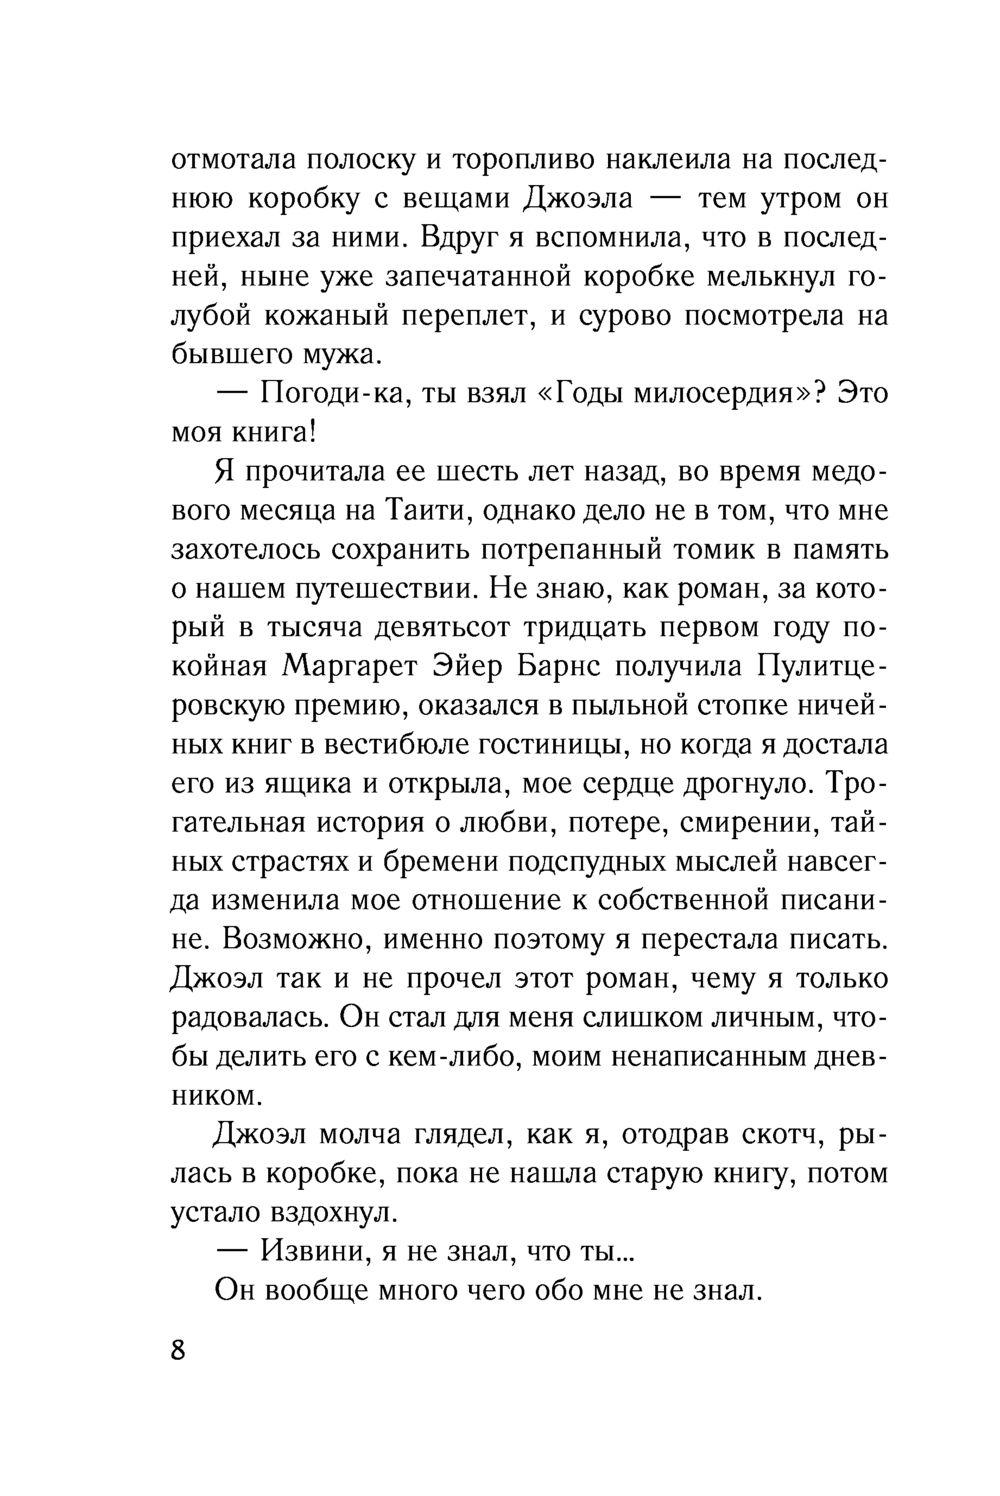 ГОДЫ МИЛОСЕРДИЯ КНИГА МАРГАРЕТ БАРНС СКАЧАТЬ БЕСПЛАТНО